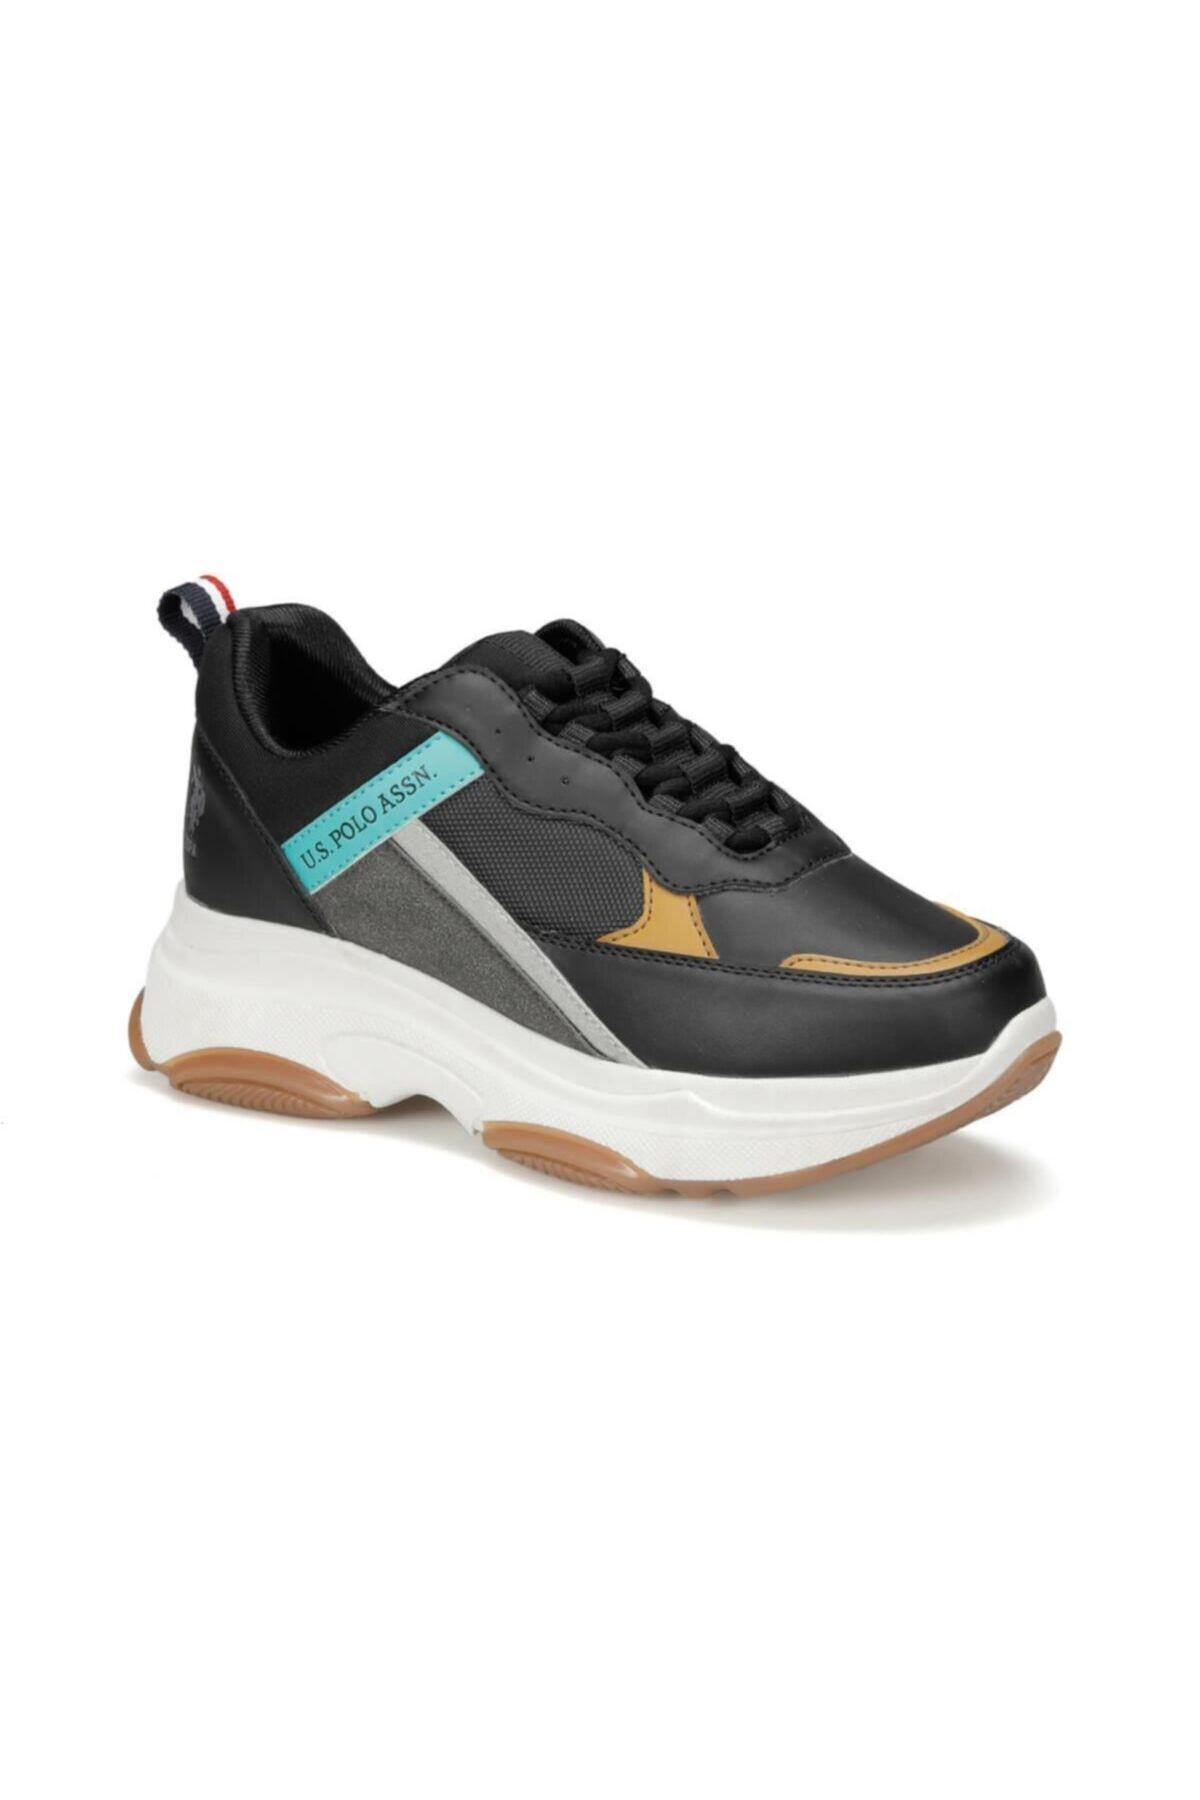 U.S. Polo Assn. BETSY 9PR Siyah Kadın Sneaker Ayakkabı 100417775 1